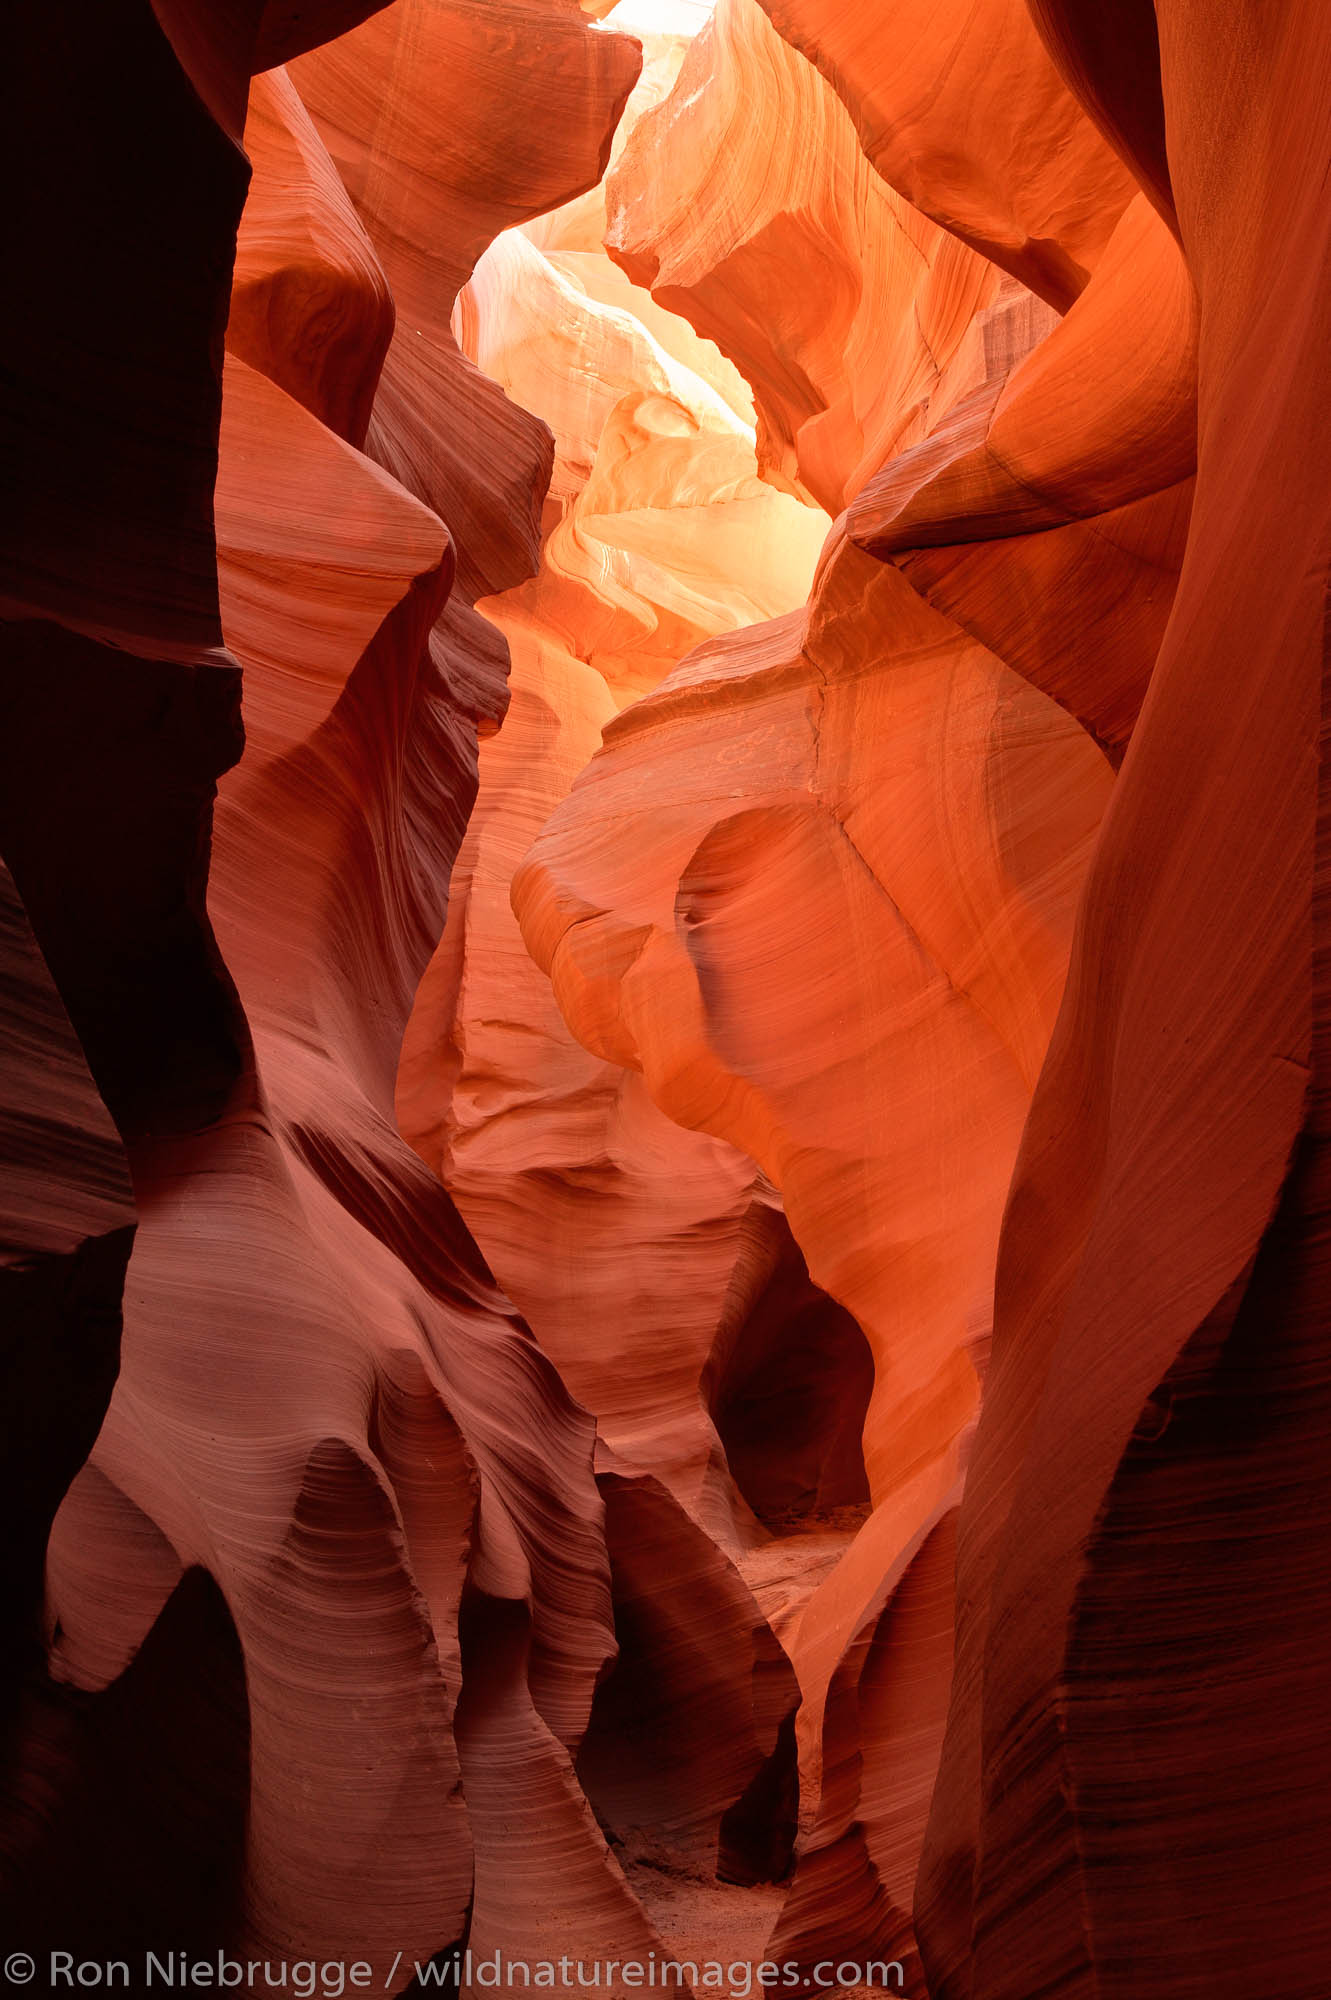 Lower Antelope Canyon, near Page, Arizona.